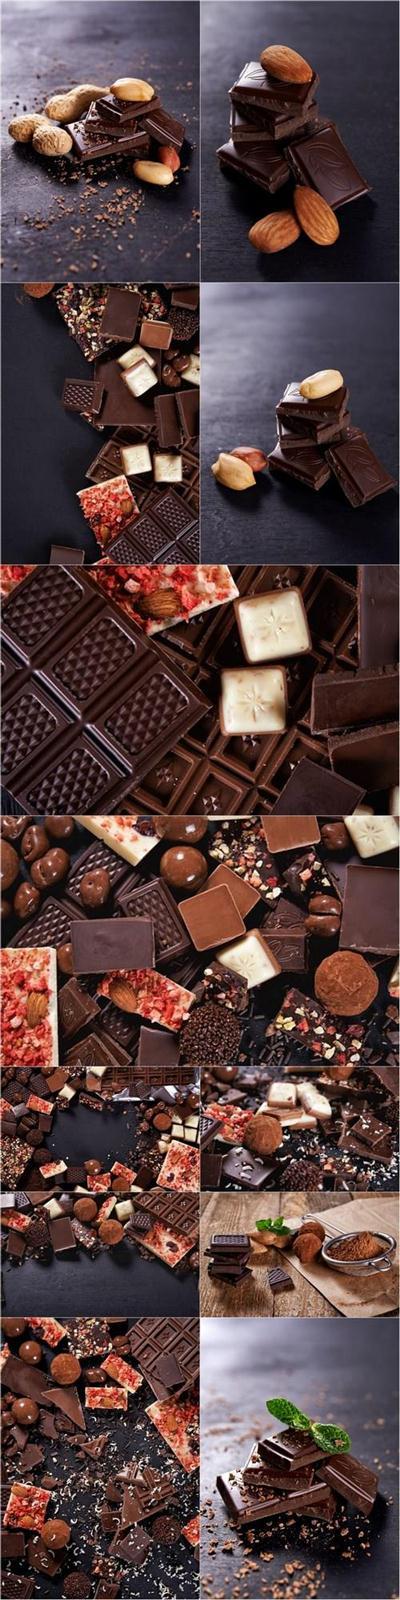 Chocolate Background - 12 UHQ JPEG Stock Images